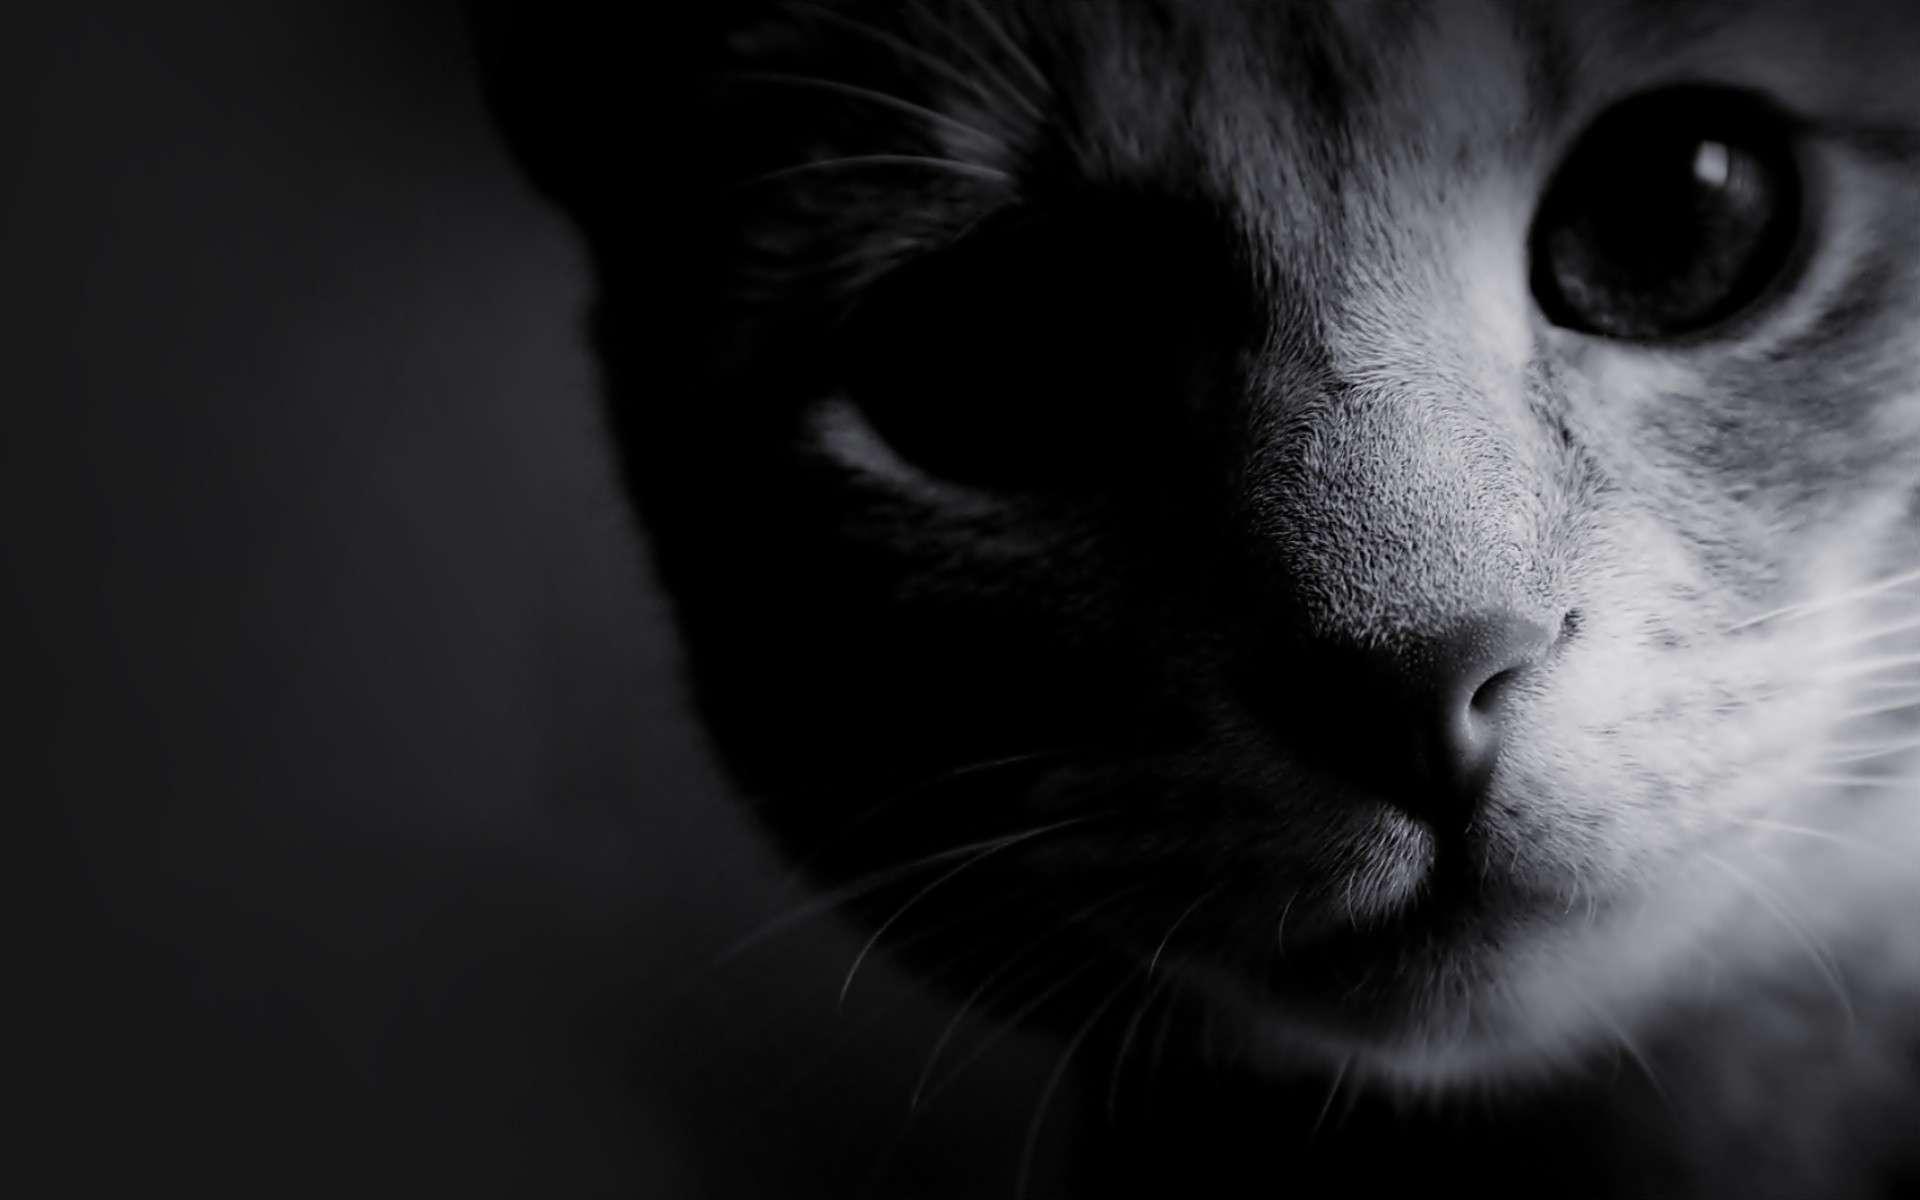 Cat Wallpaper 073